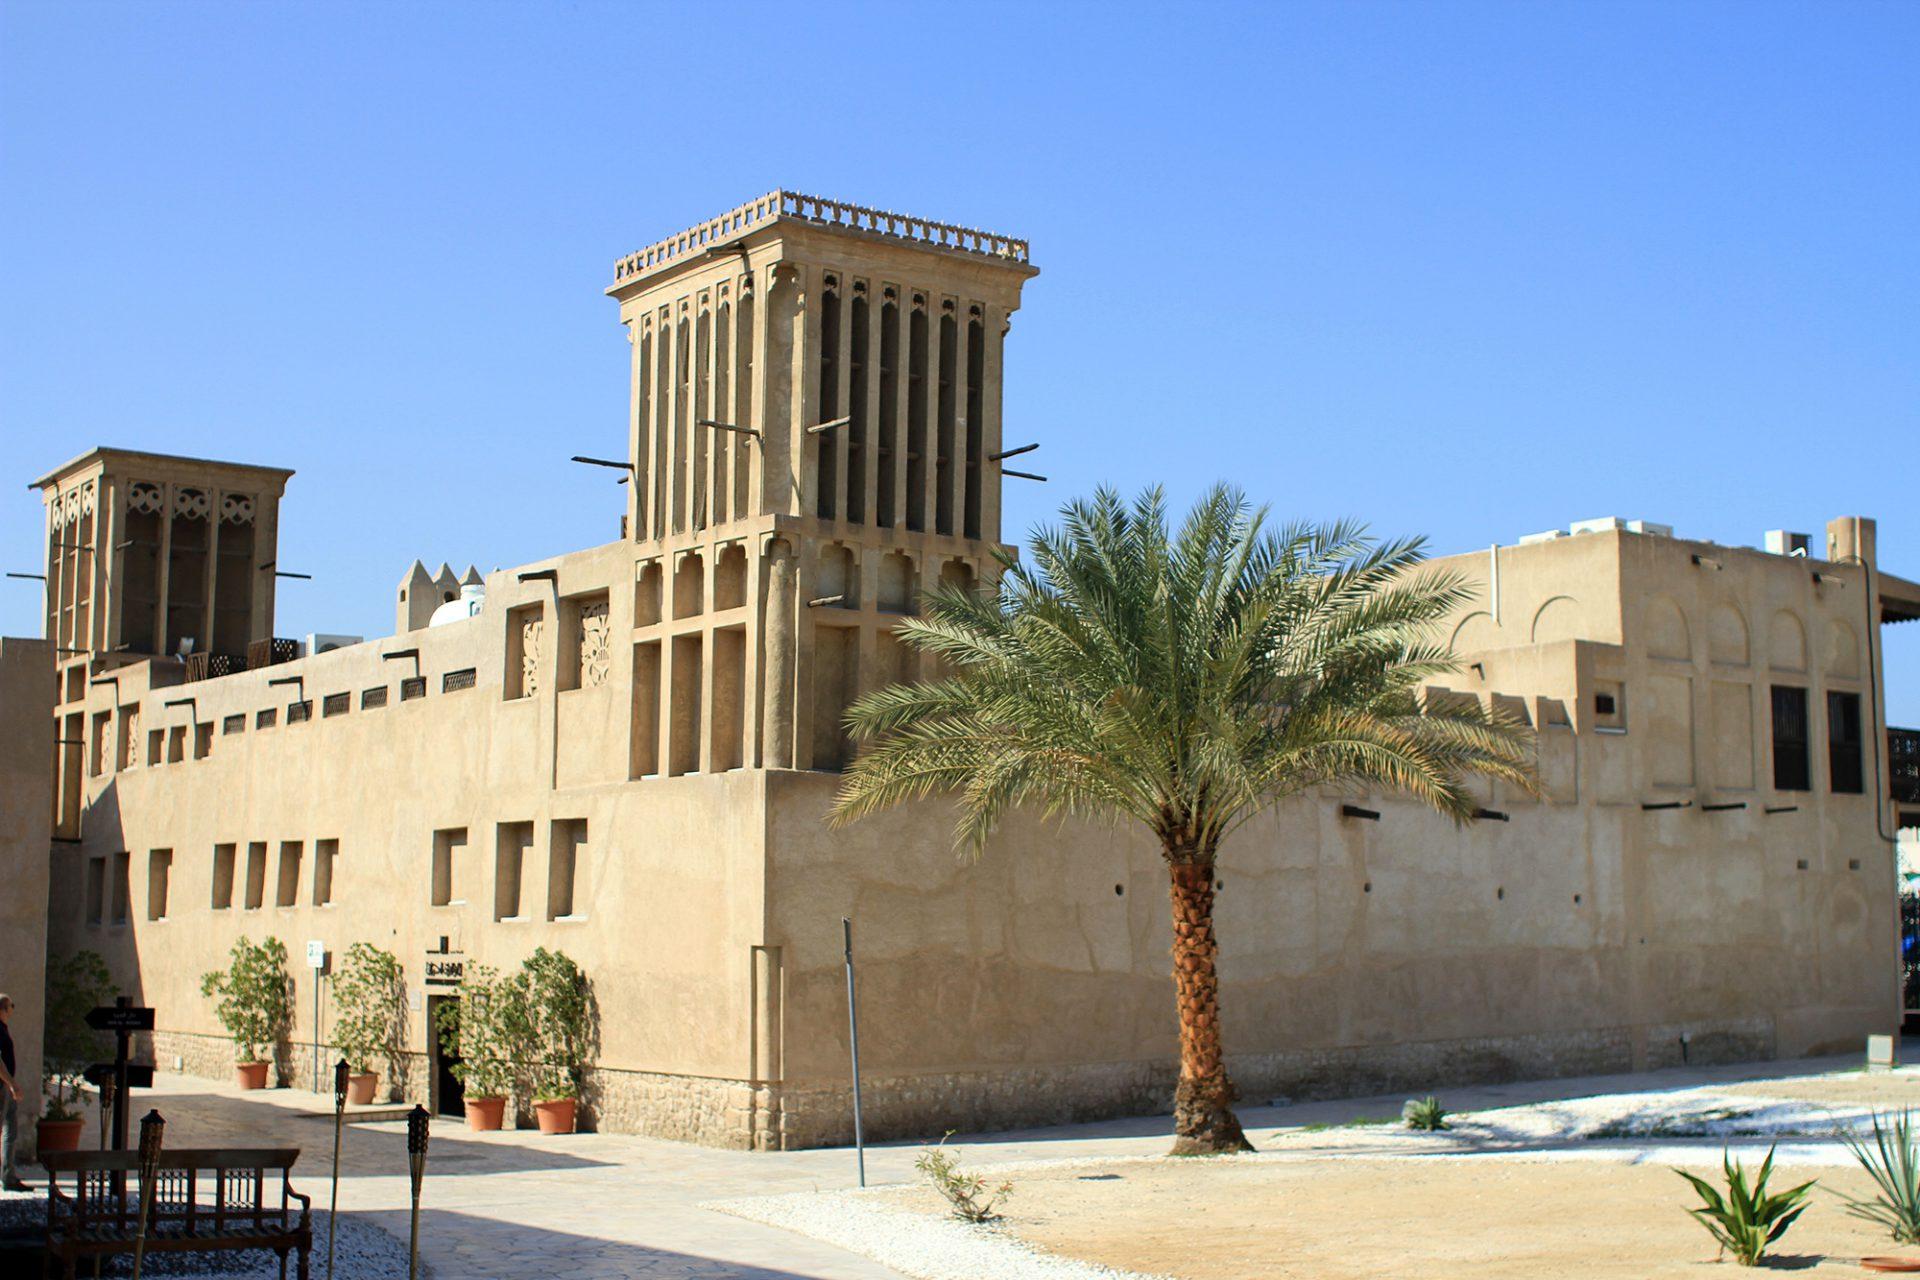 Sharif Sultan Al Ulama House. Das 1930 im Auftrag von Mohammad Sharif Sultan Al Ulama, dem damaligen Dubaier Handelsrichter, errichtete Haus beherbergt heute die Historical Buildings Section und informiert über die Entwicklung von Al Bastakiya. Es wurde 1997 von der Dubai Municipality renoviert.